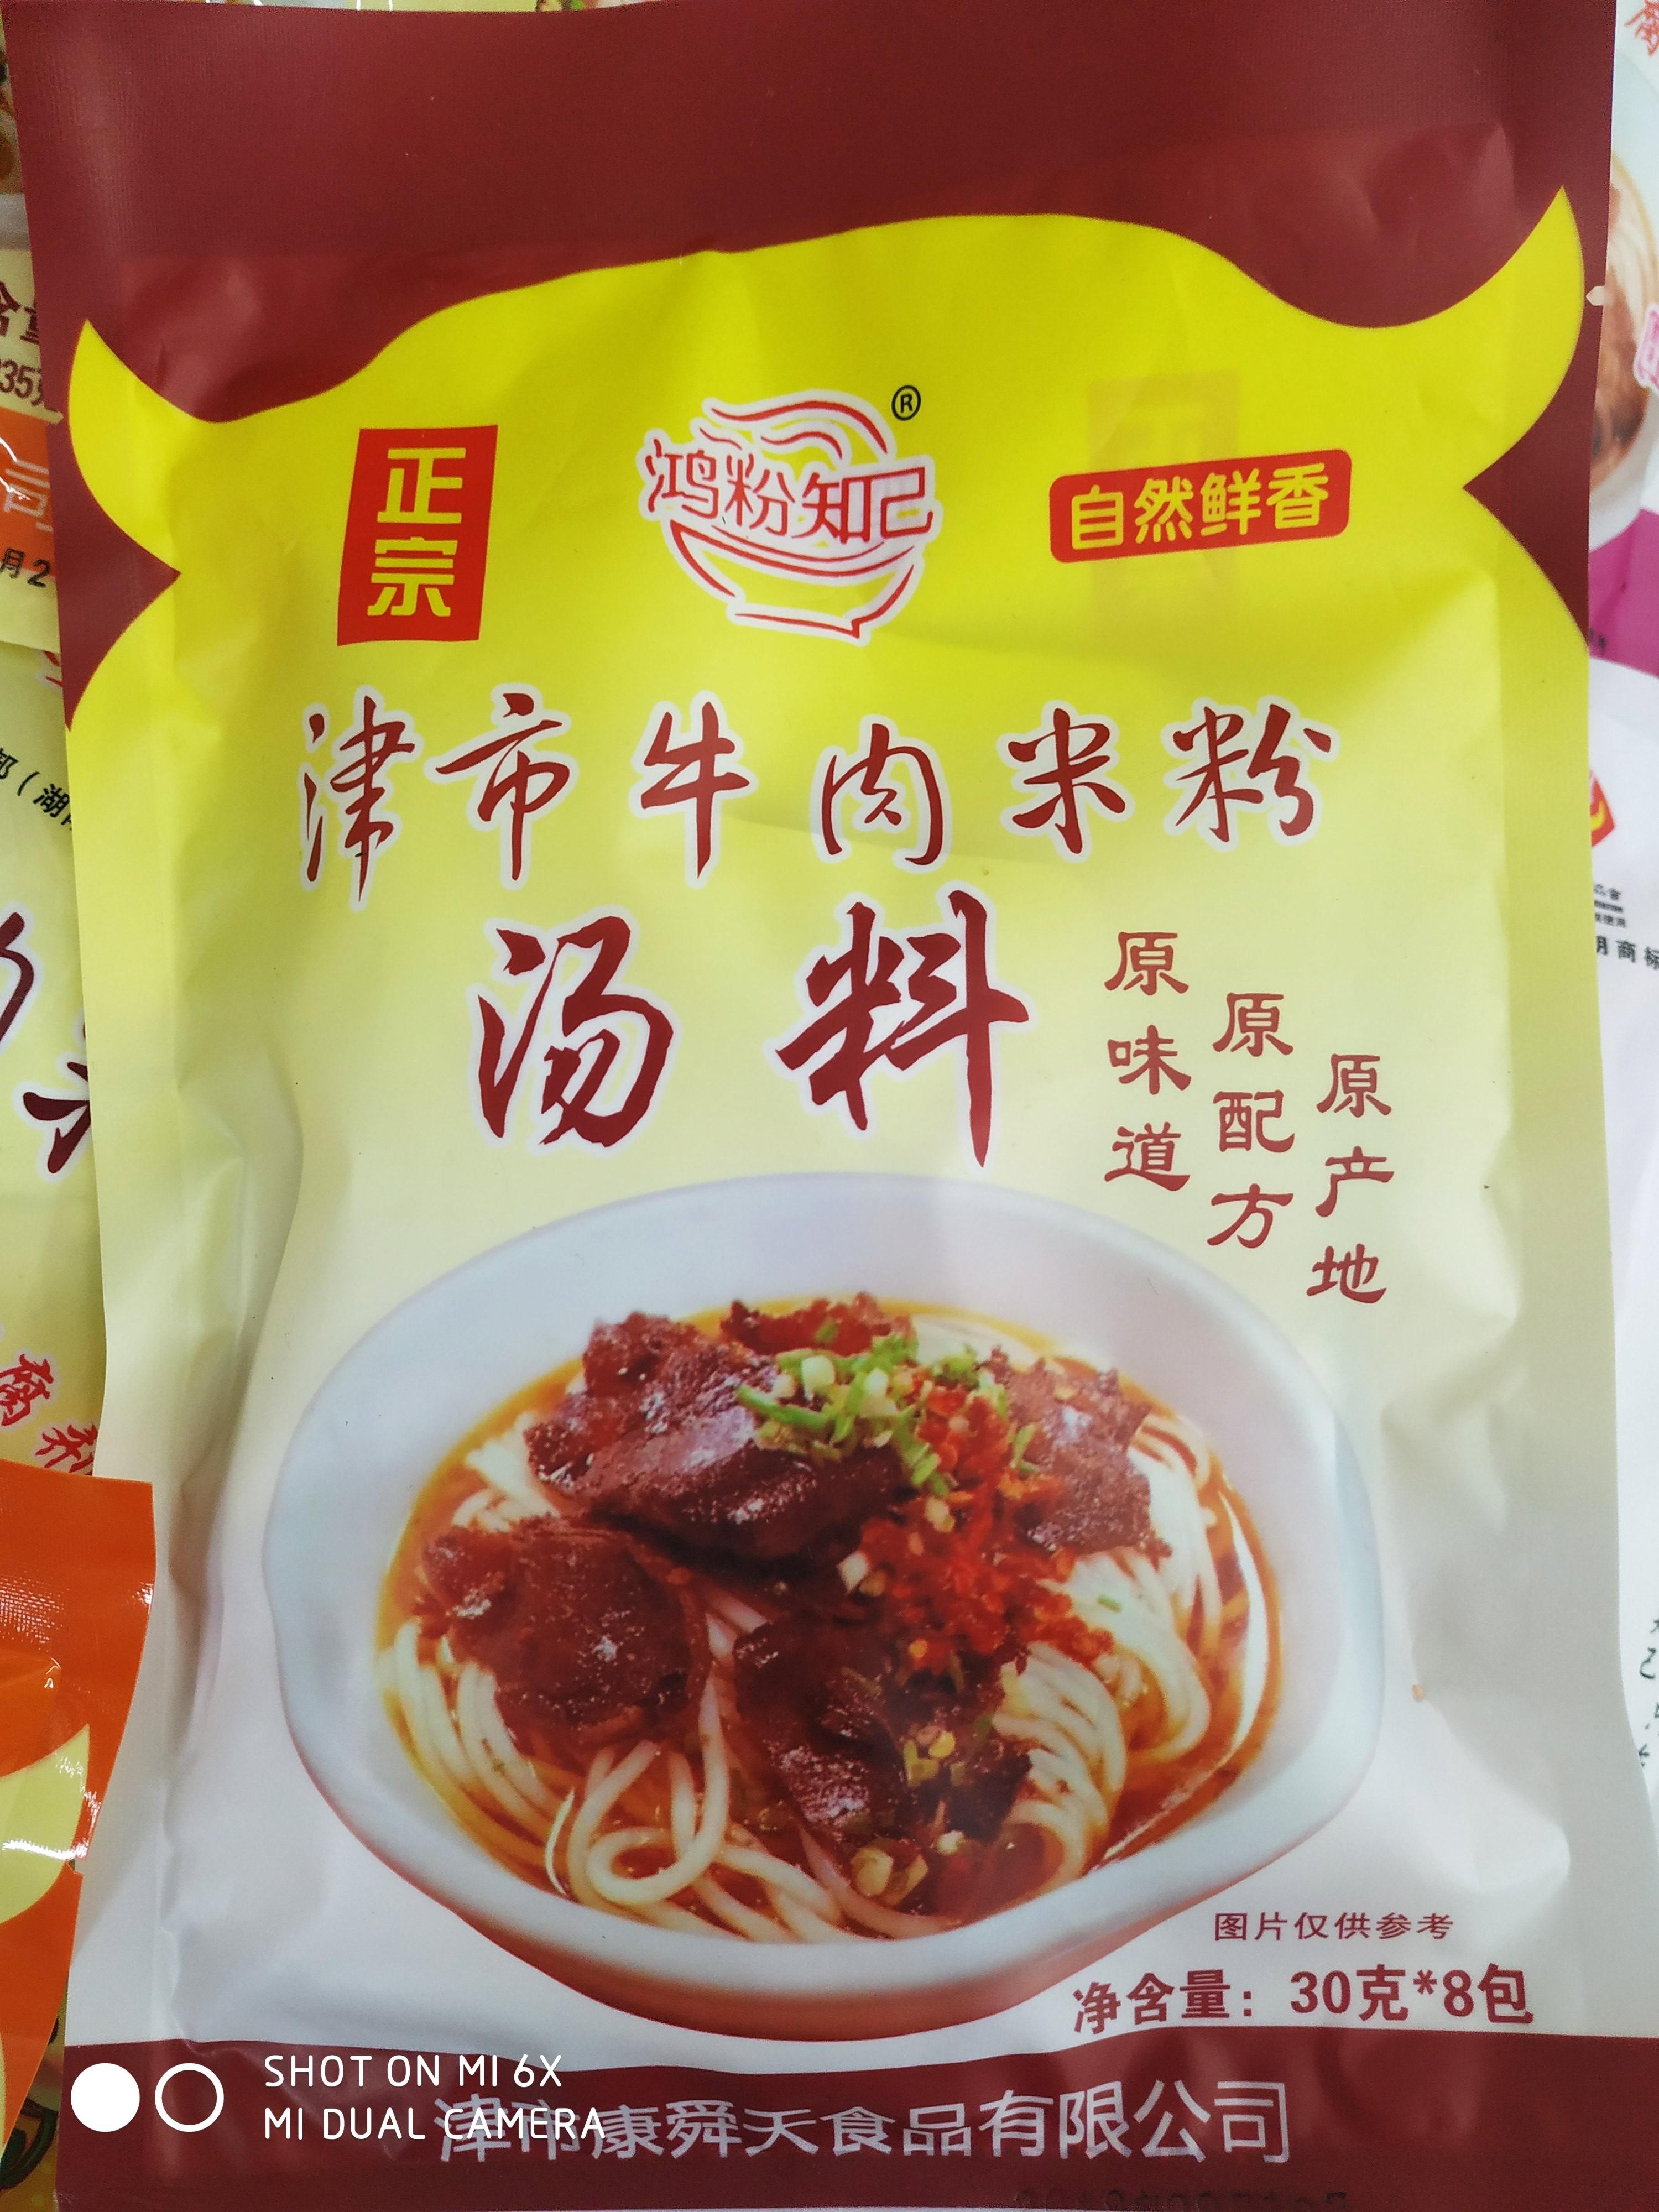 湖南の特産品常徳津市鴻粉知己の米粉牛肉の調味料は米の小麦粉のスープに水をやります。